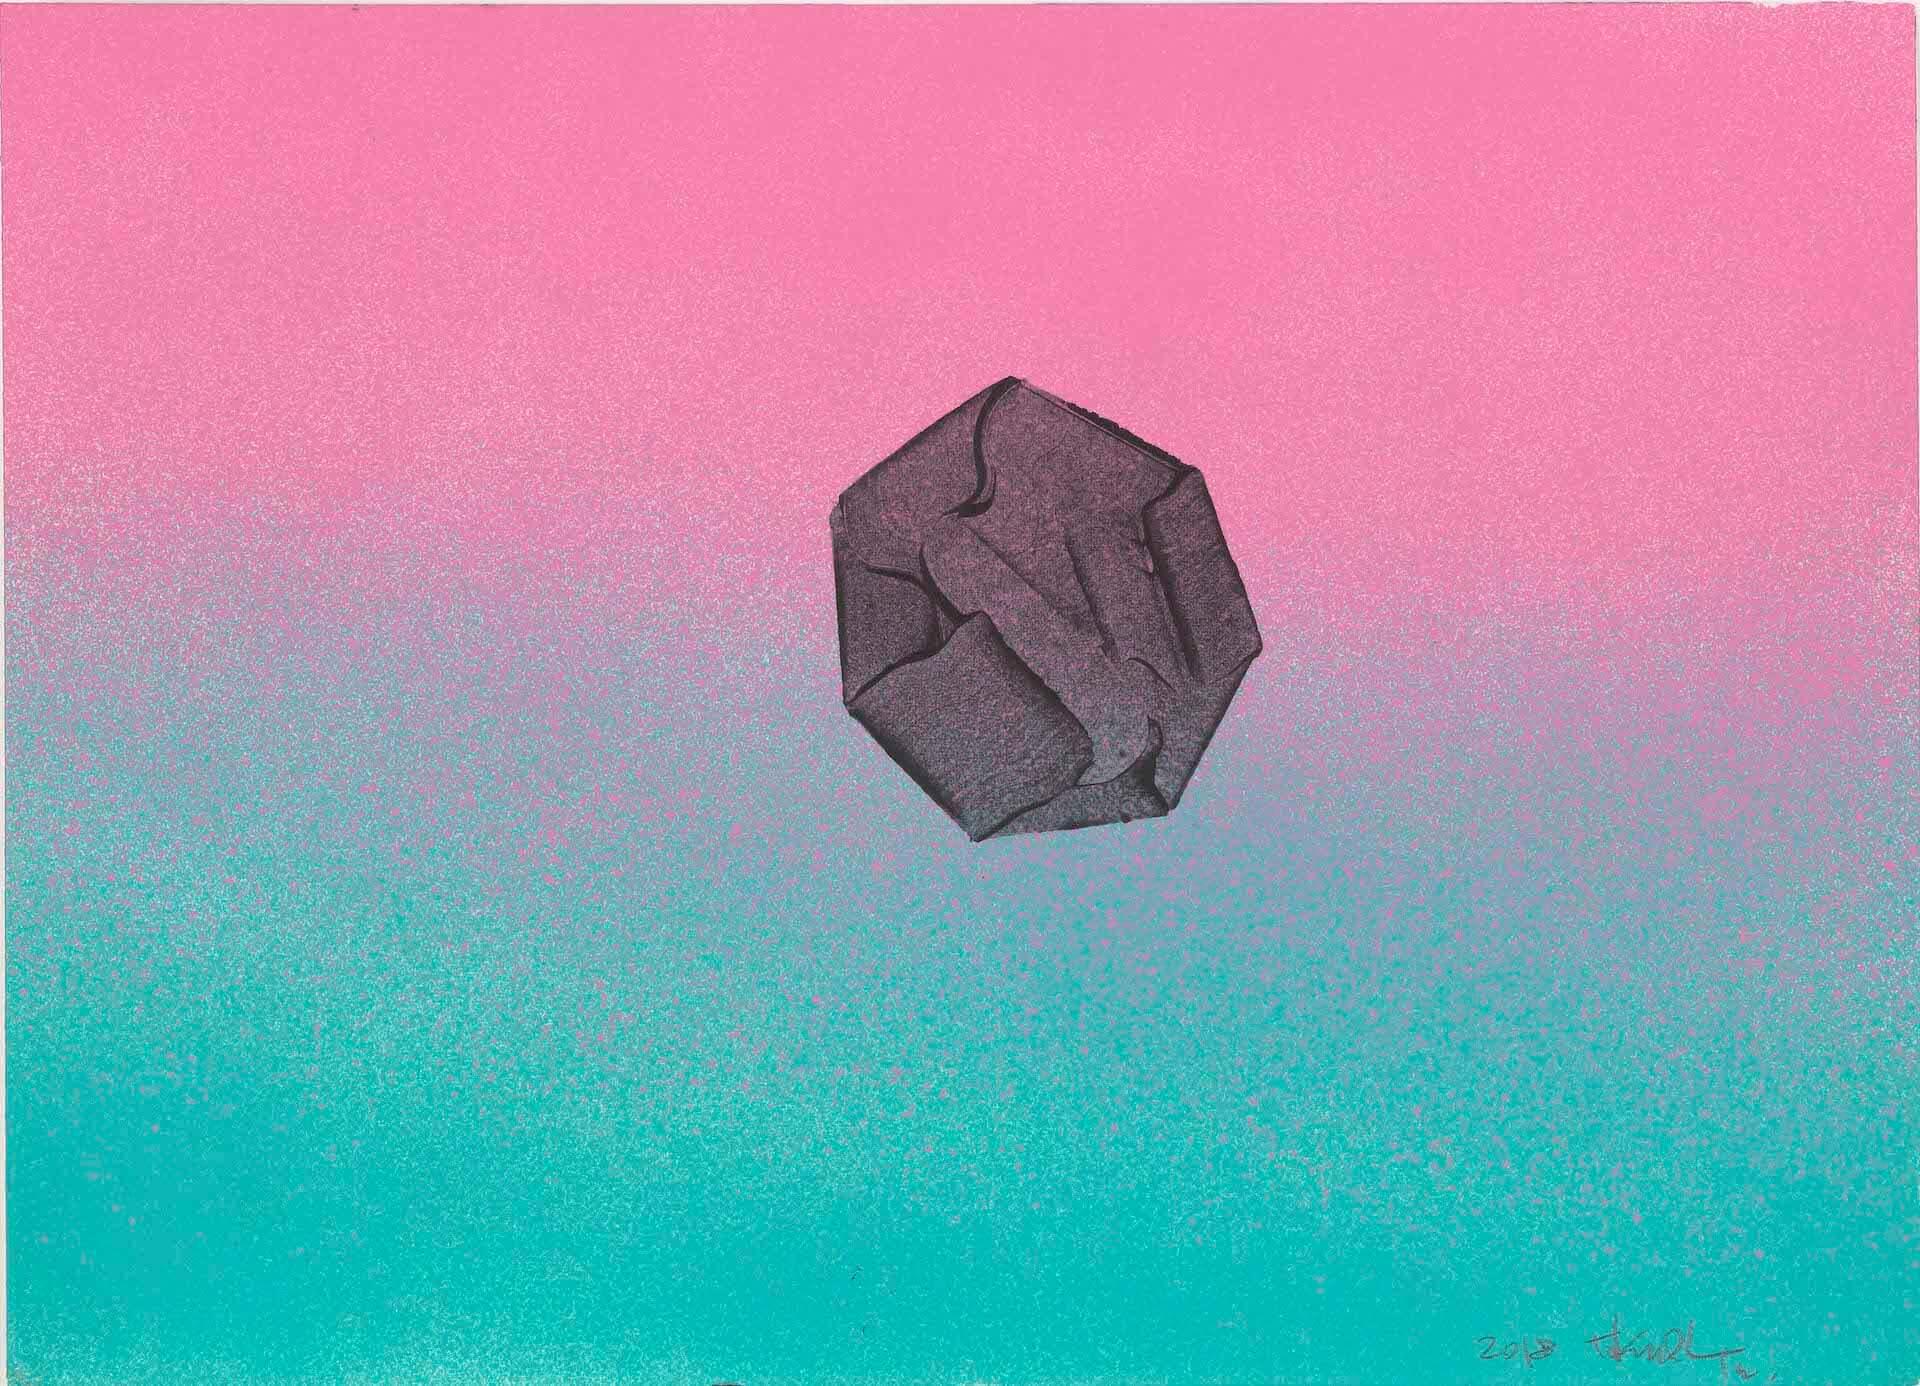 彫刻家・小畑多丘による初の作品集『Spectrum of the Move』が刊行決定!京都「haku kyoto」では記念の個展も開催 art201118_taku-obata_6-1920x1386